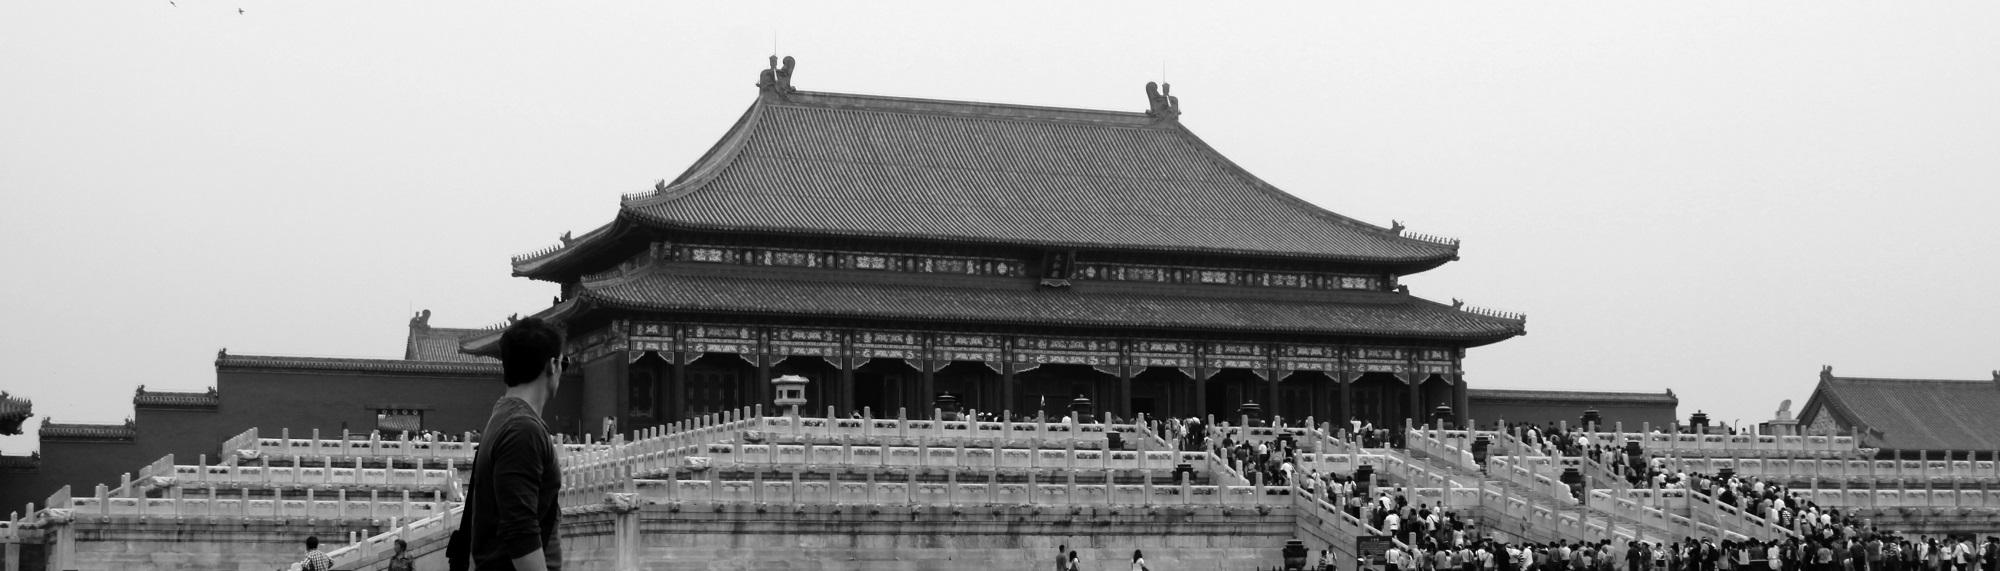 china-marathon-5